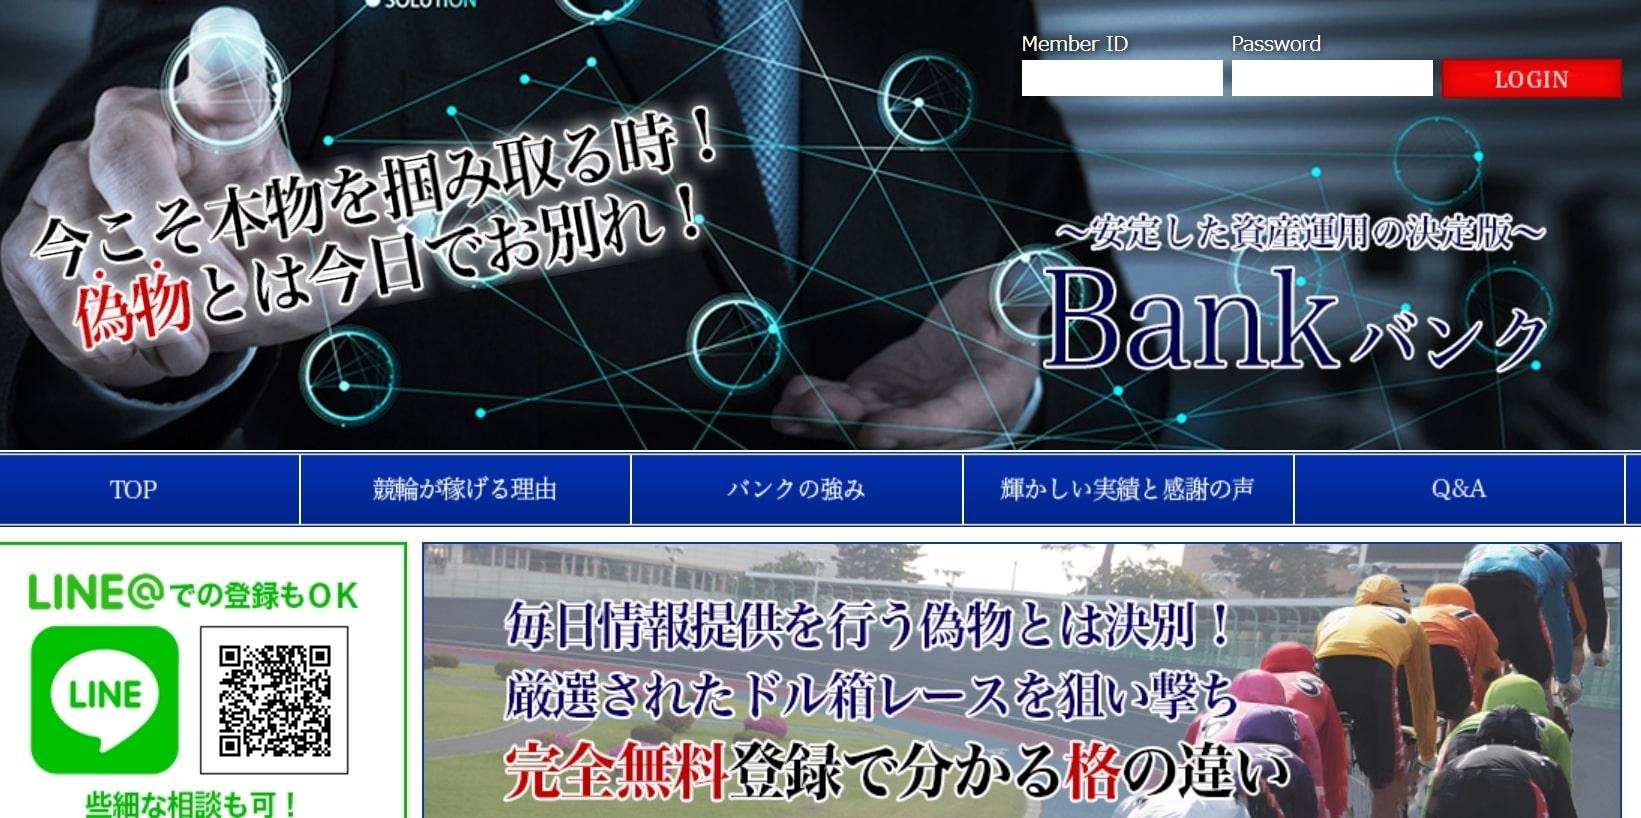 Bank(バンク)_ヘッダー情報